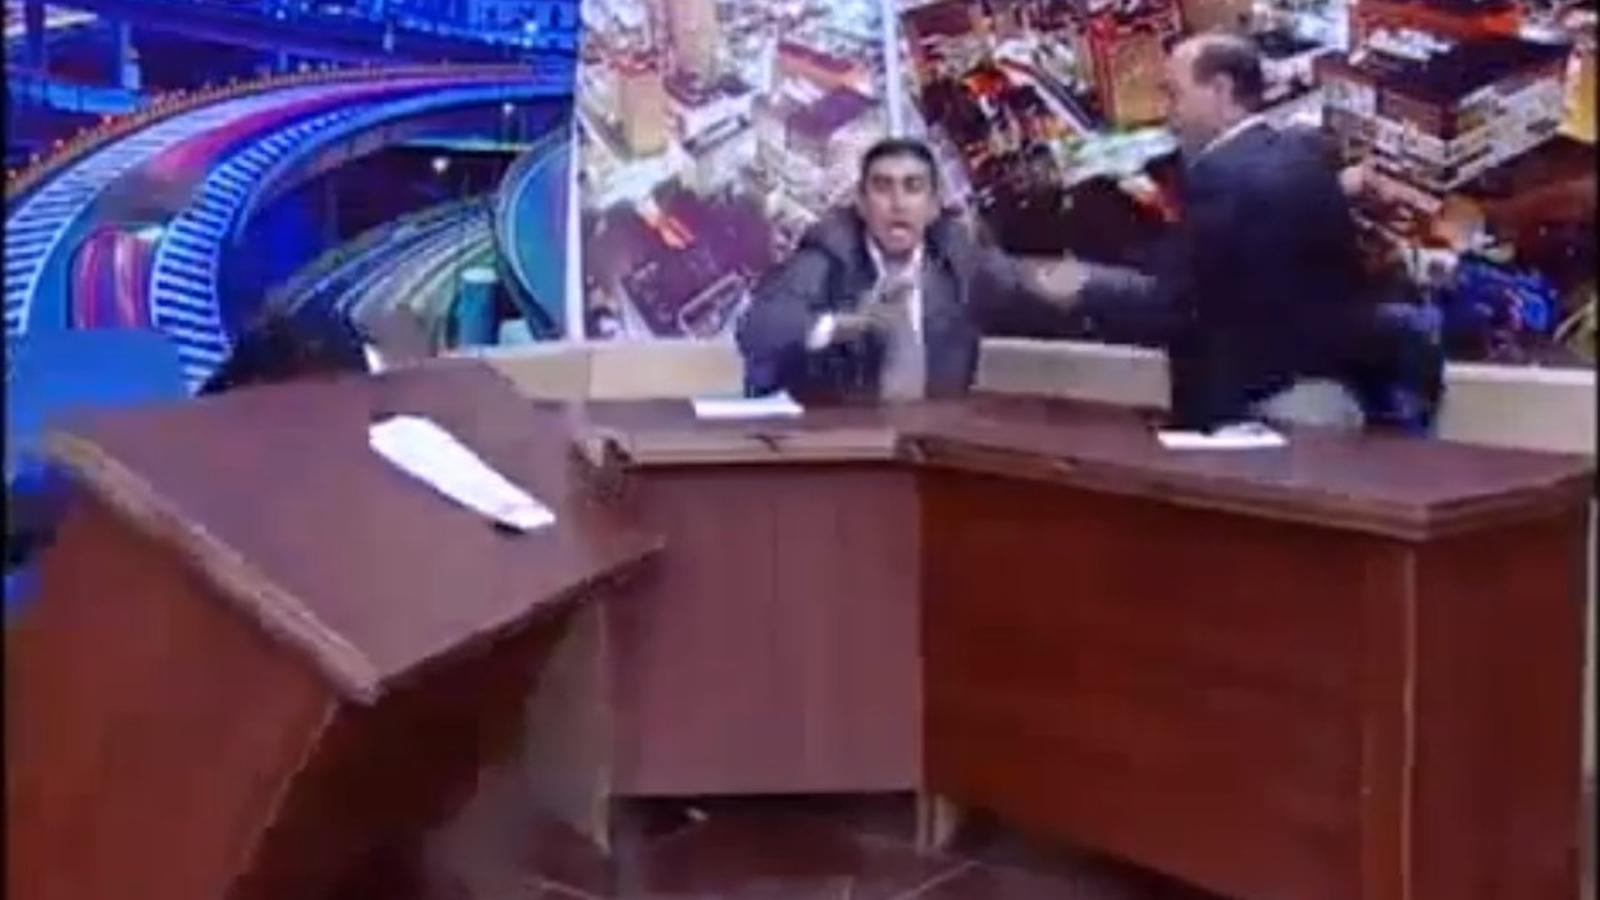 Un diputat jordà treu una pistola contra un activista en un programa de televisió